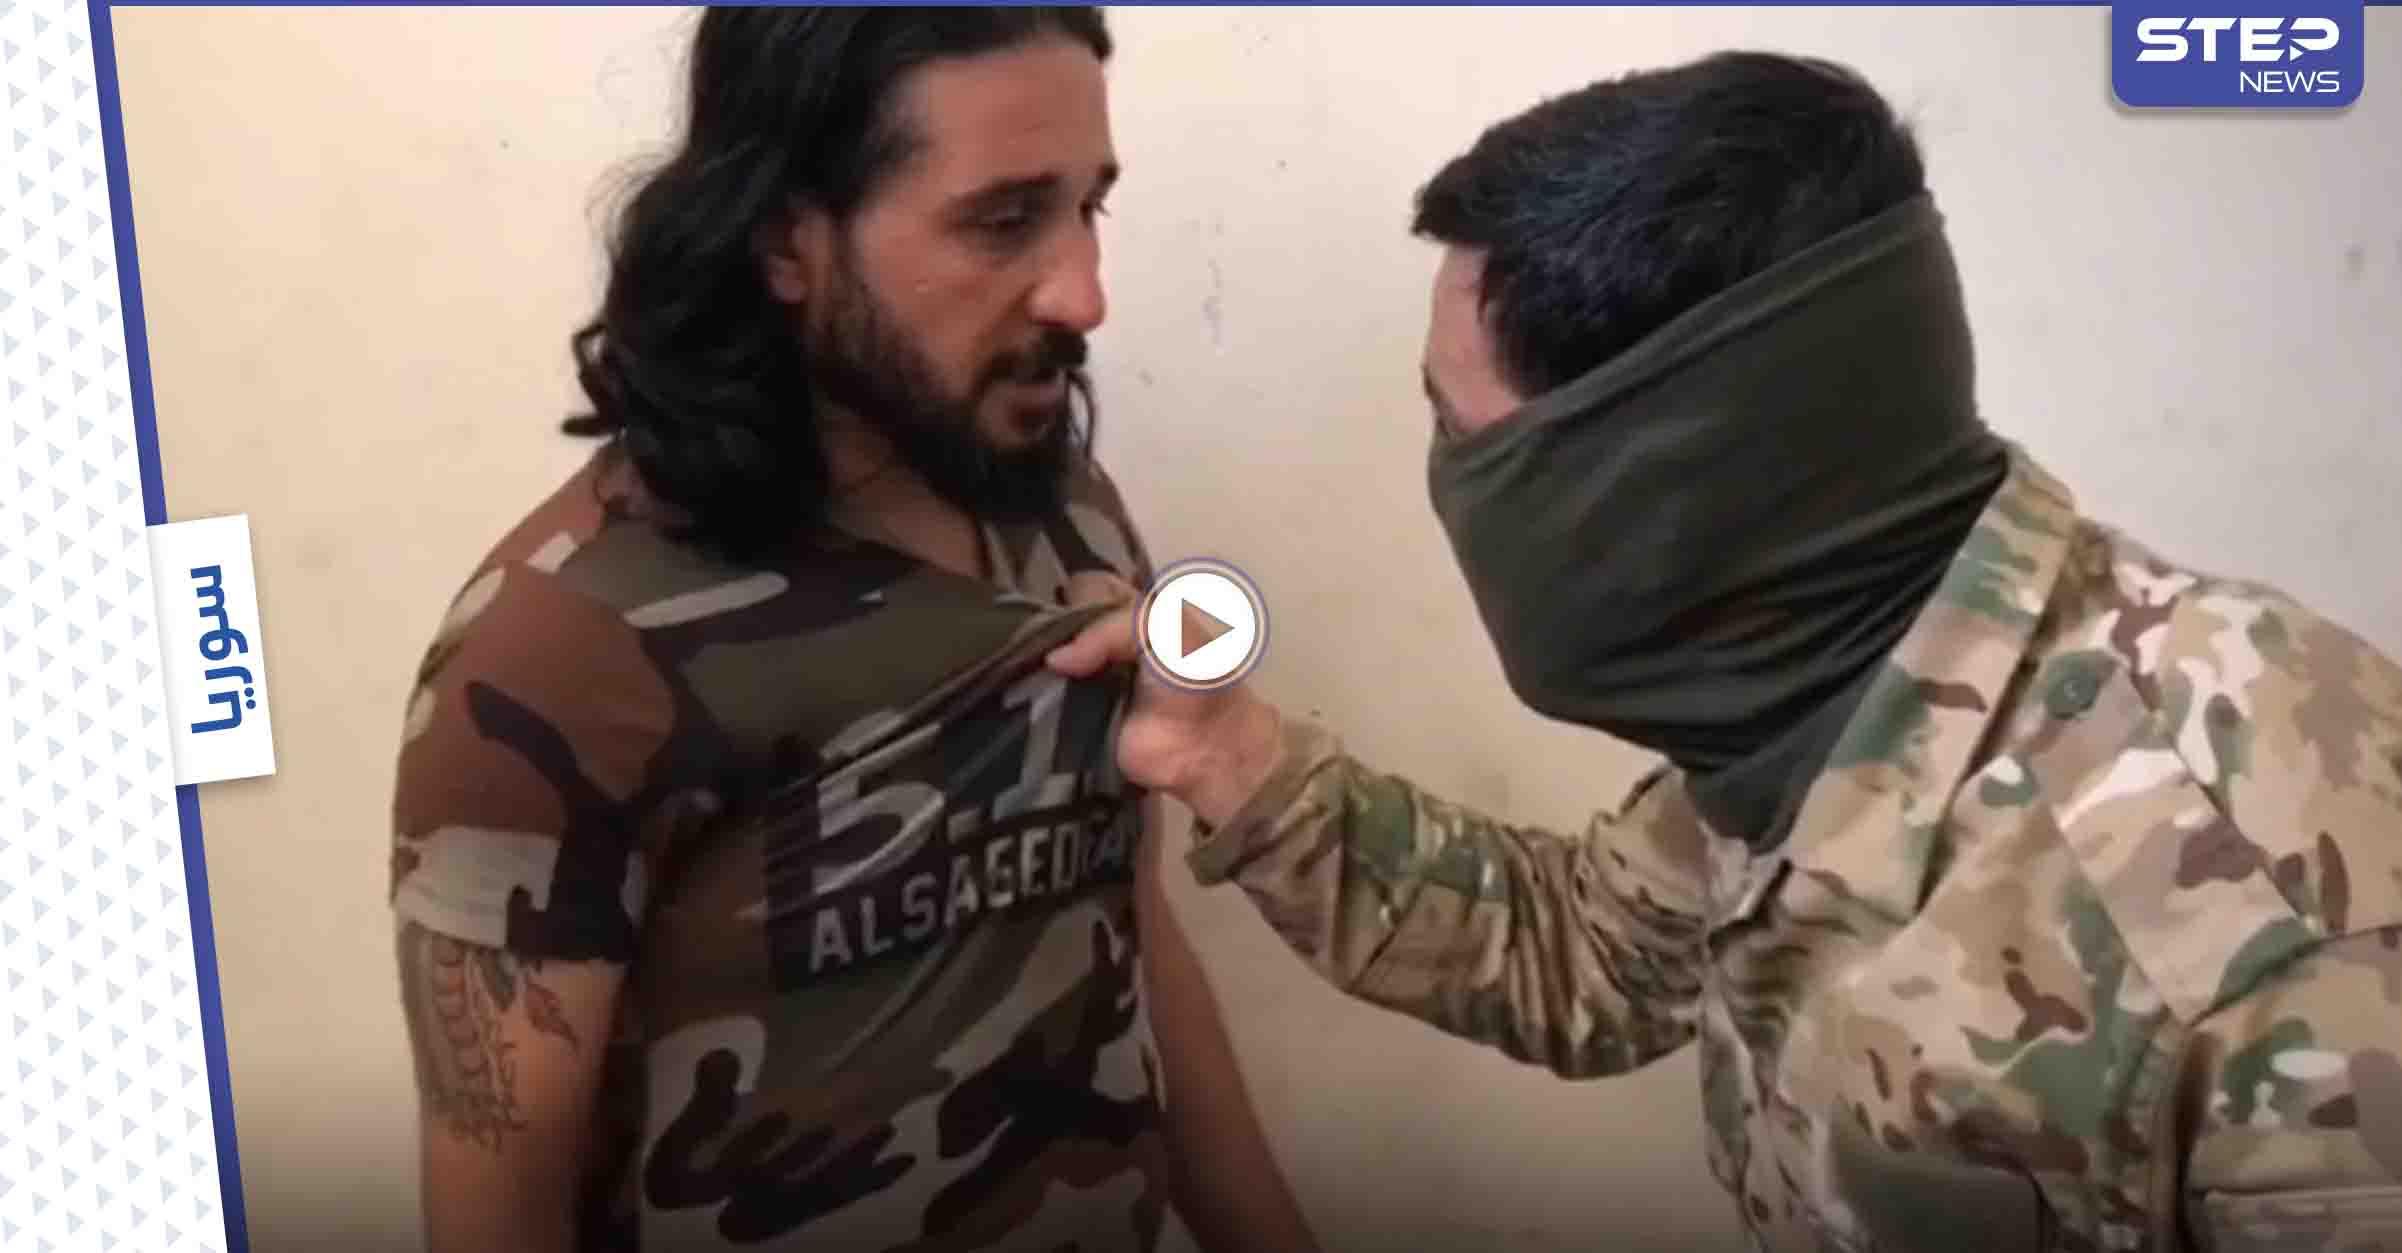 """بالفيديو    بسبب """"الترامادول"""".. مسلح في """"الجيش الوطني"""" يعتدي على أحد الصيادلة في مدينة عفرين ويهدده بالسلاح"""